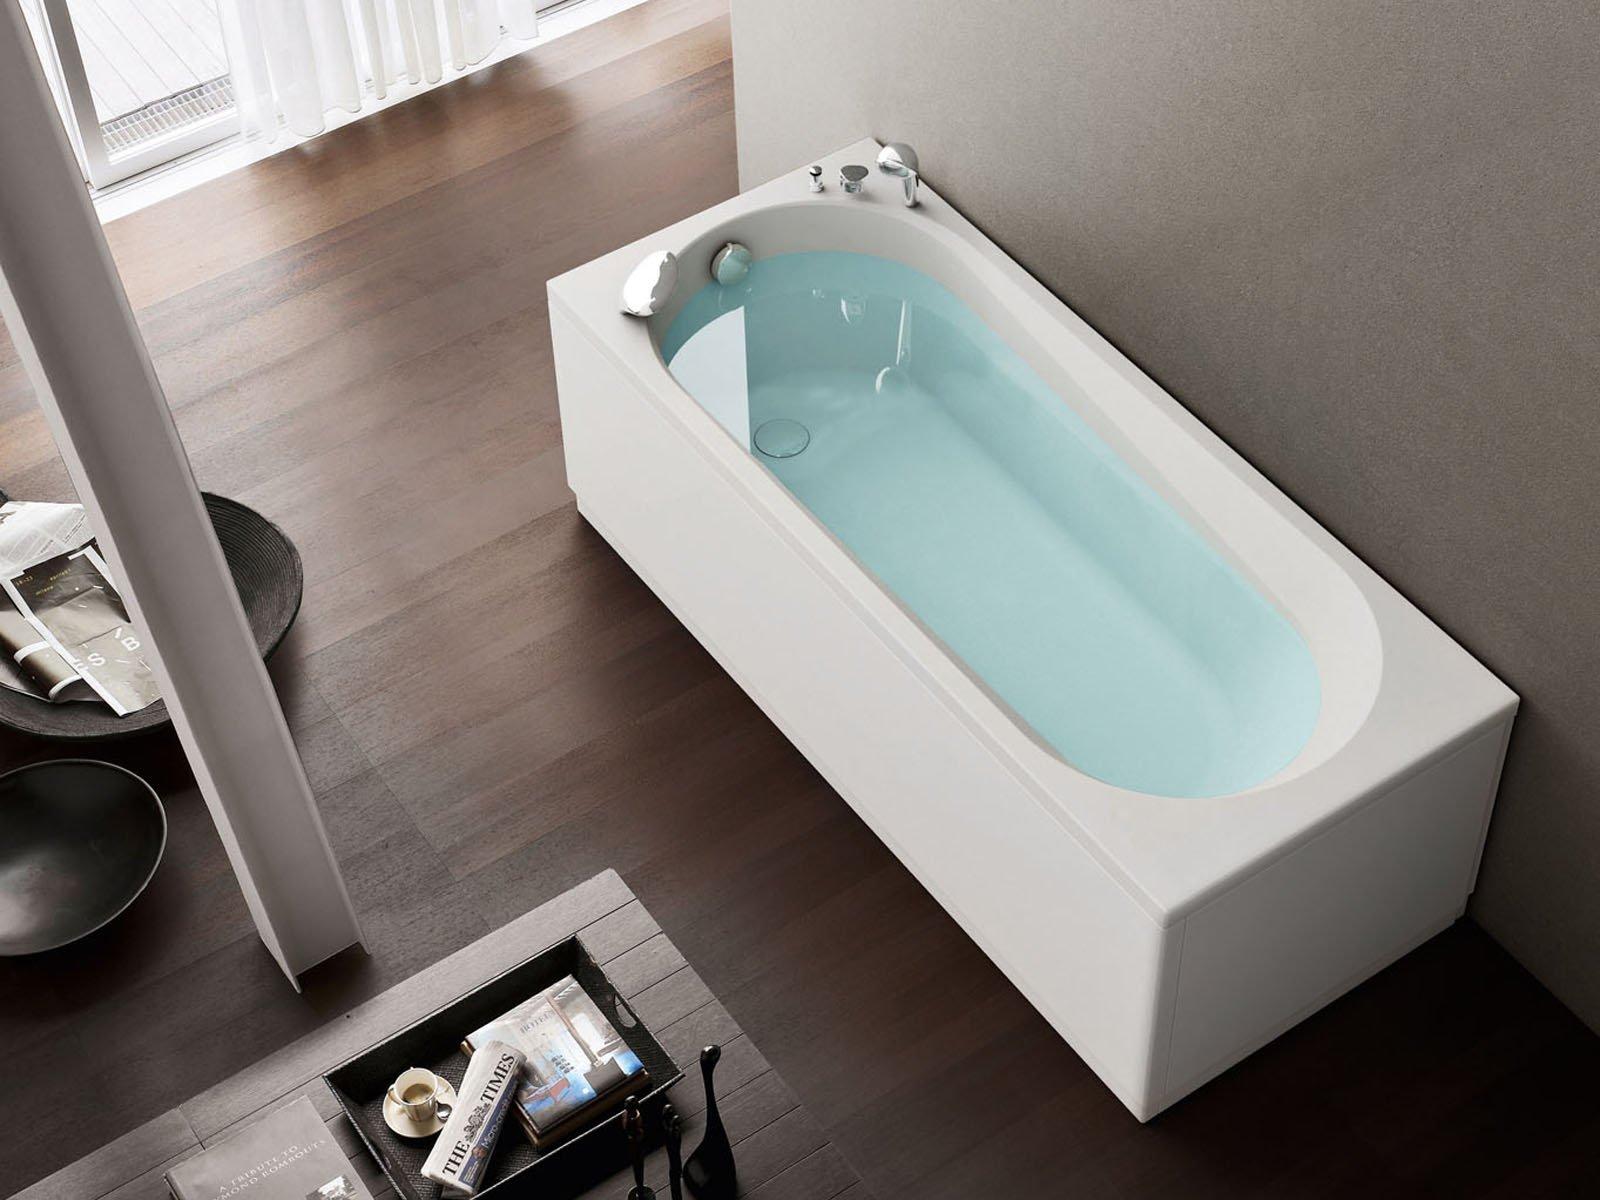 Vasca Da Bagno Hafro Modello Nova : Soluzioni per il bagno piccolo cose di casa